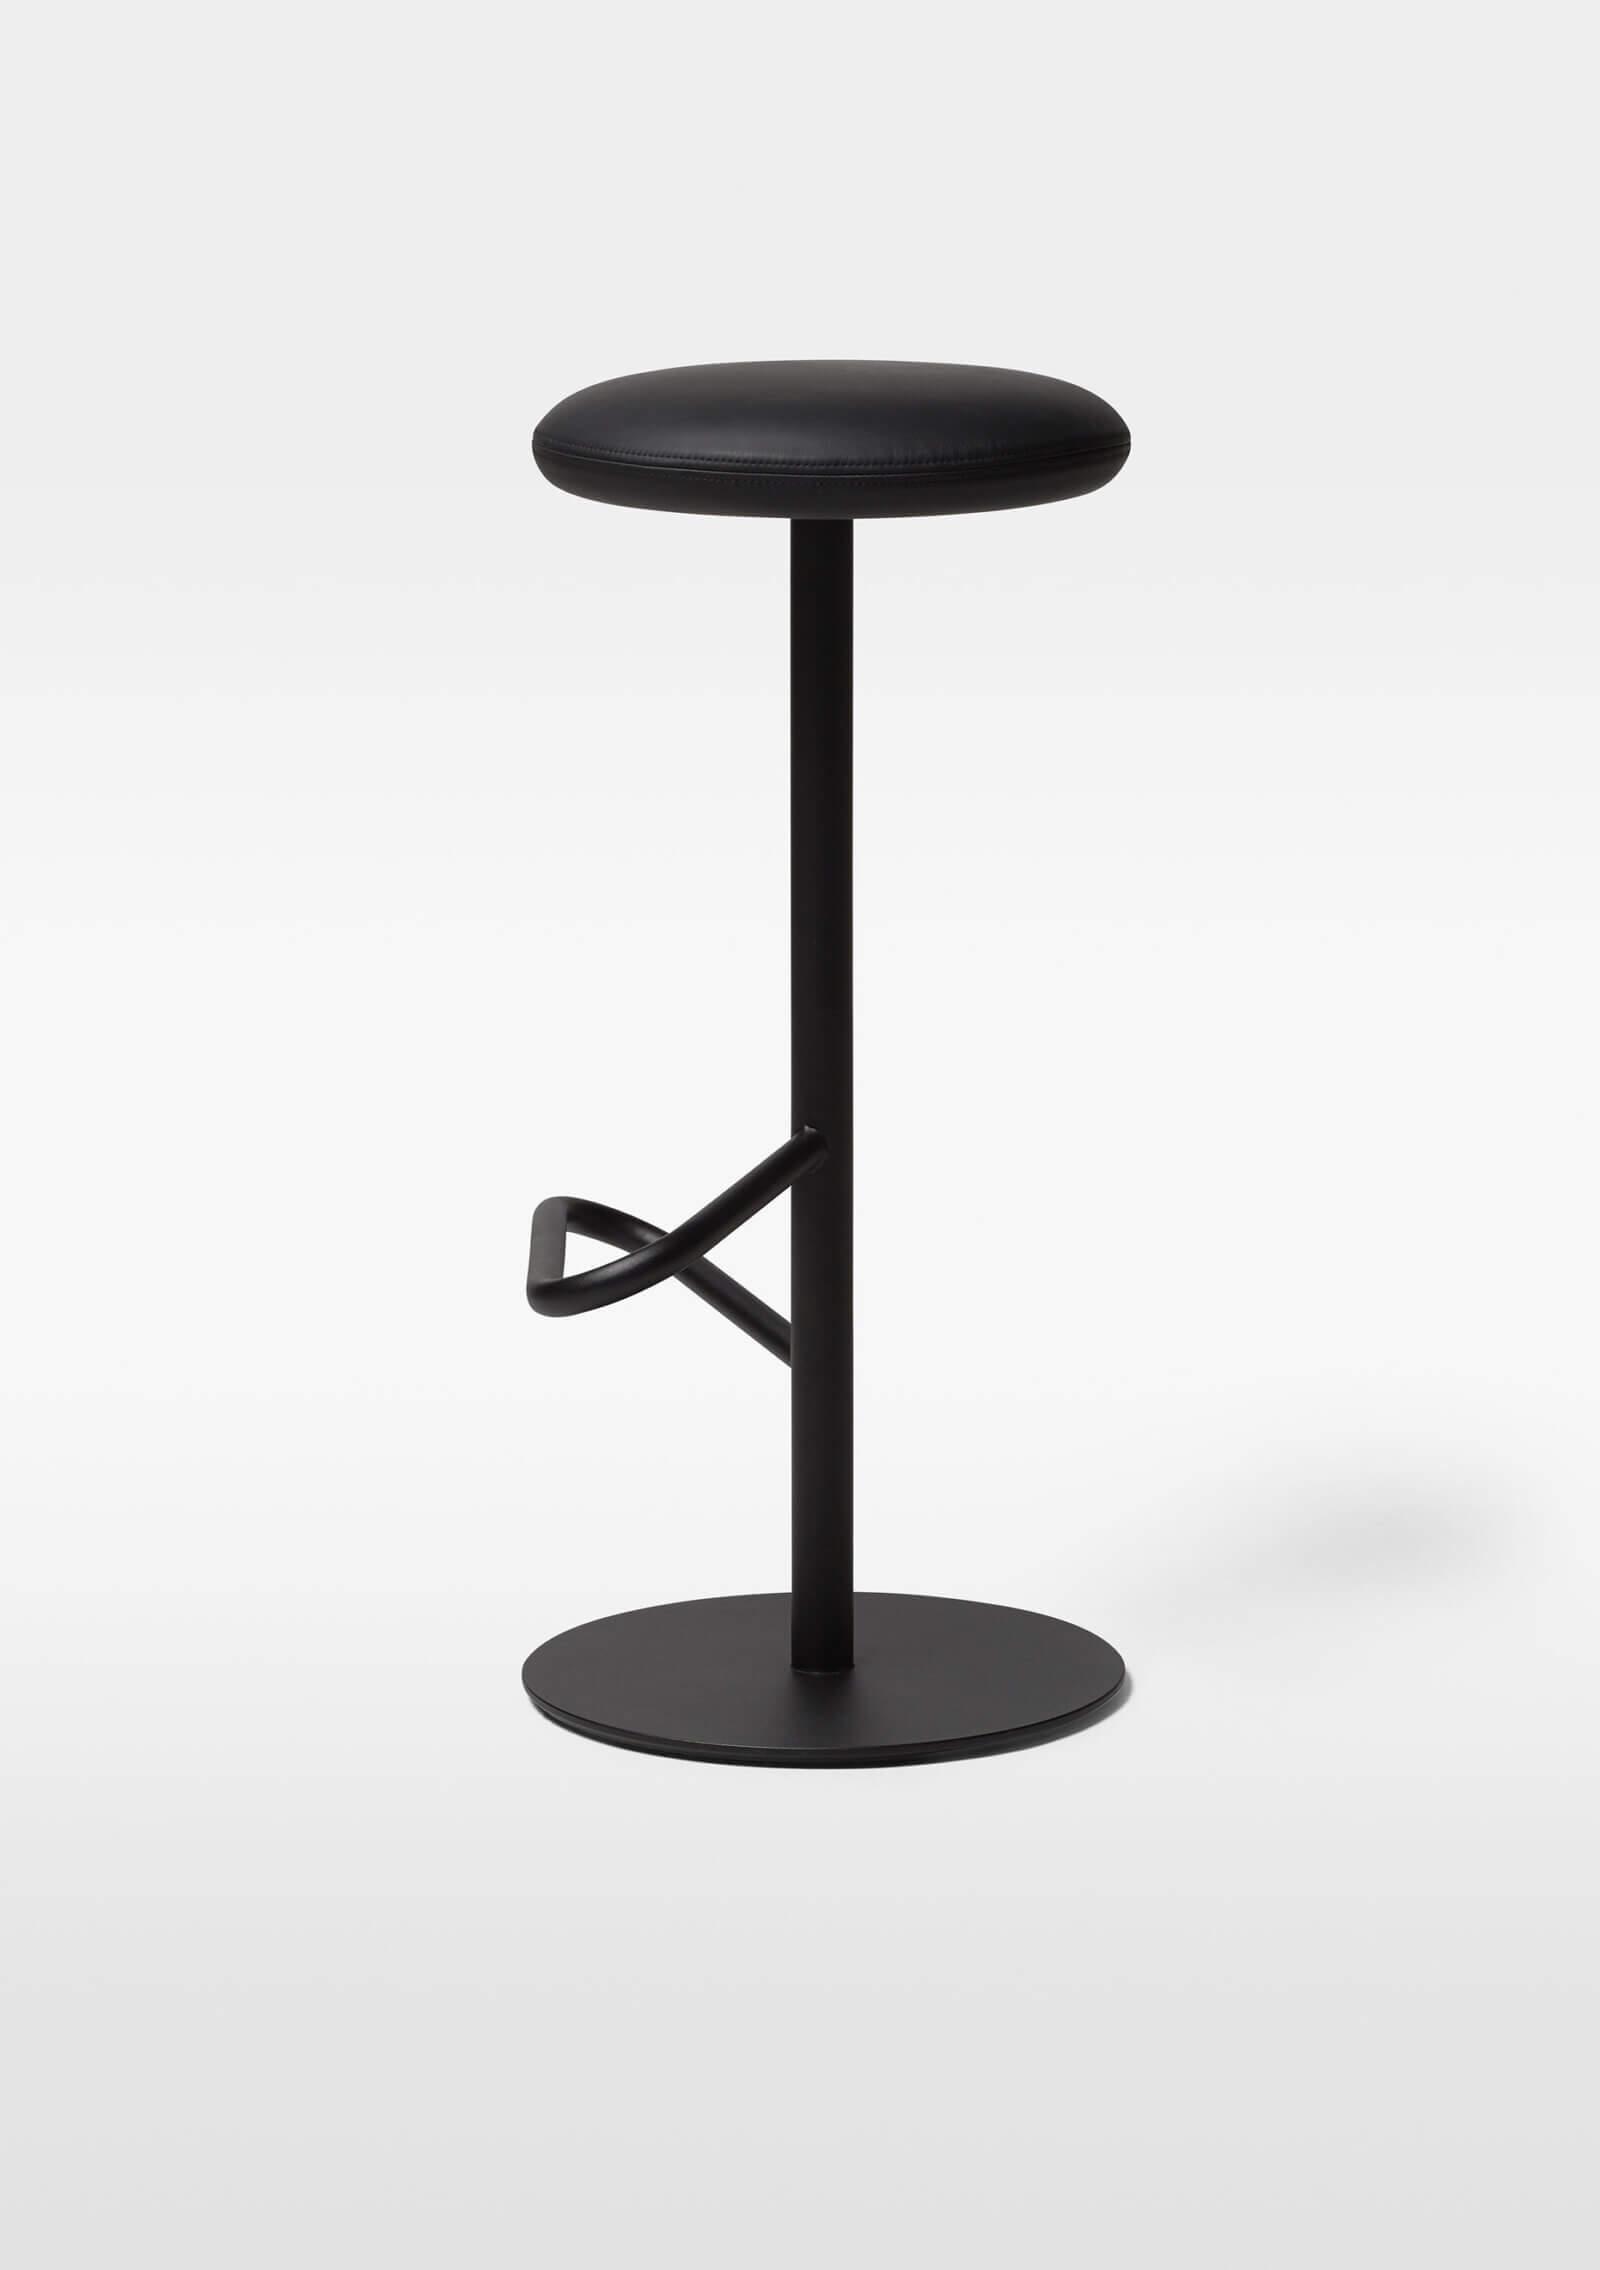 TinnappelMetz-massproductions-odette-bar-stool_01